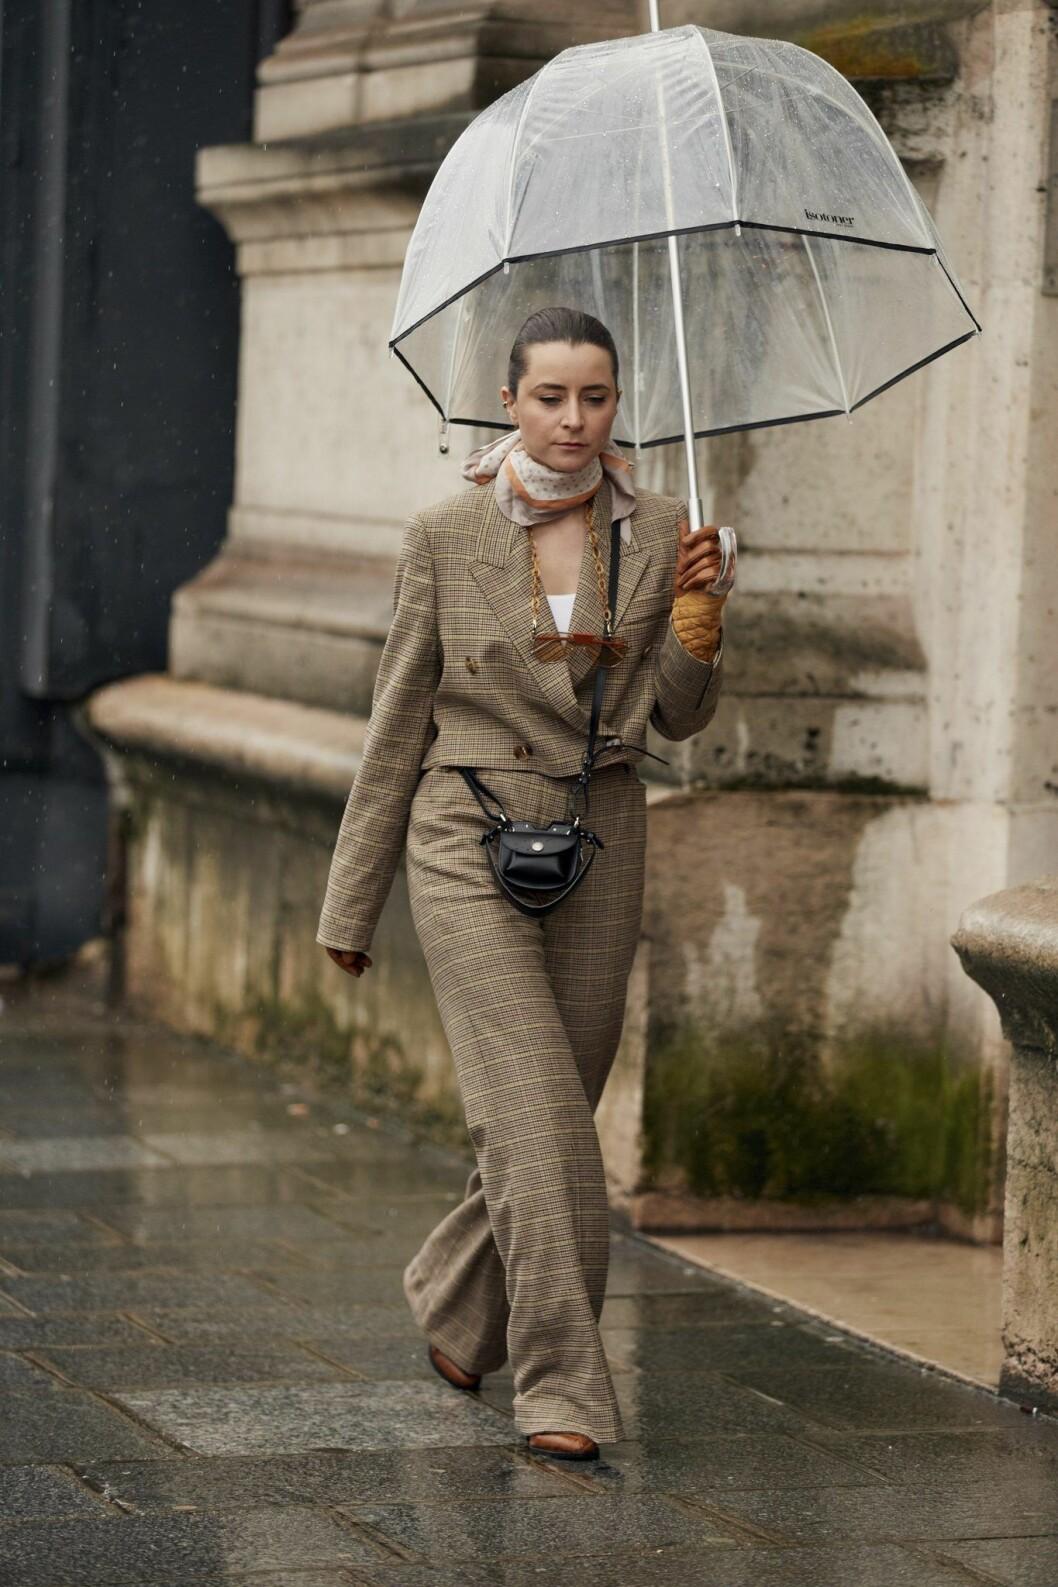 Rutig kostym Streetstyle Paris Fashion Week AW20.